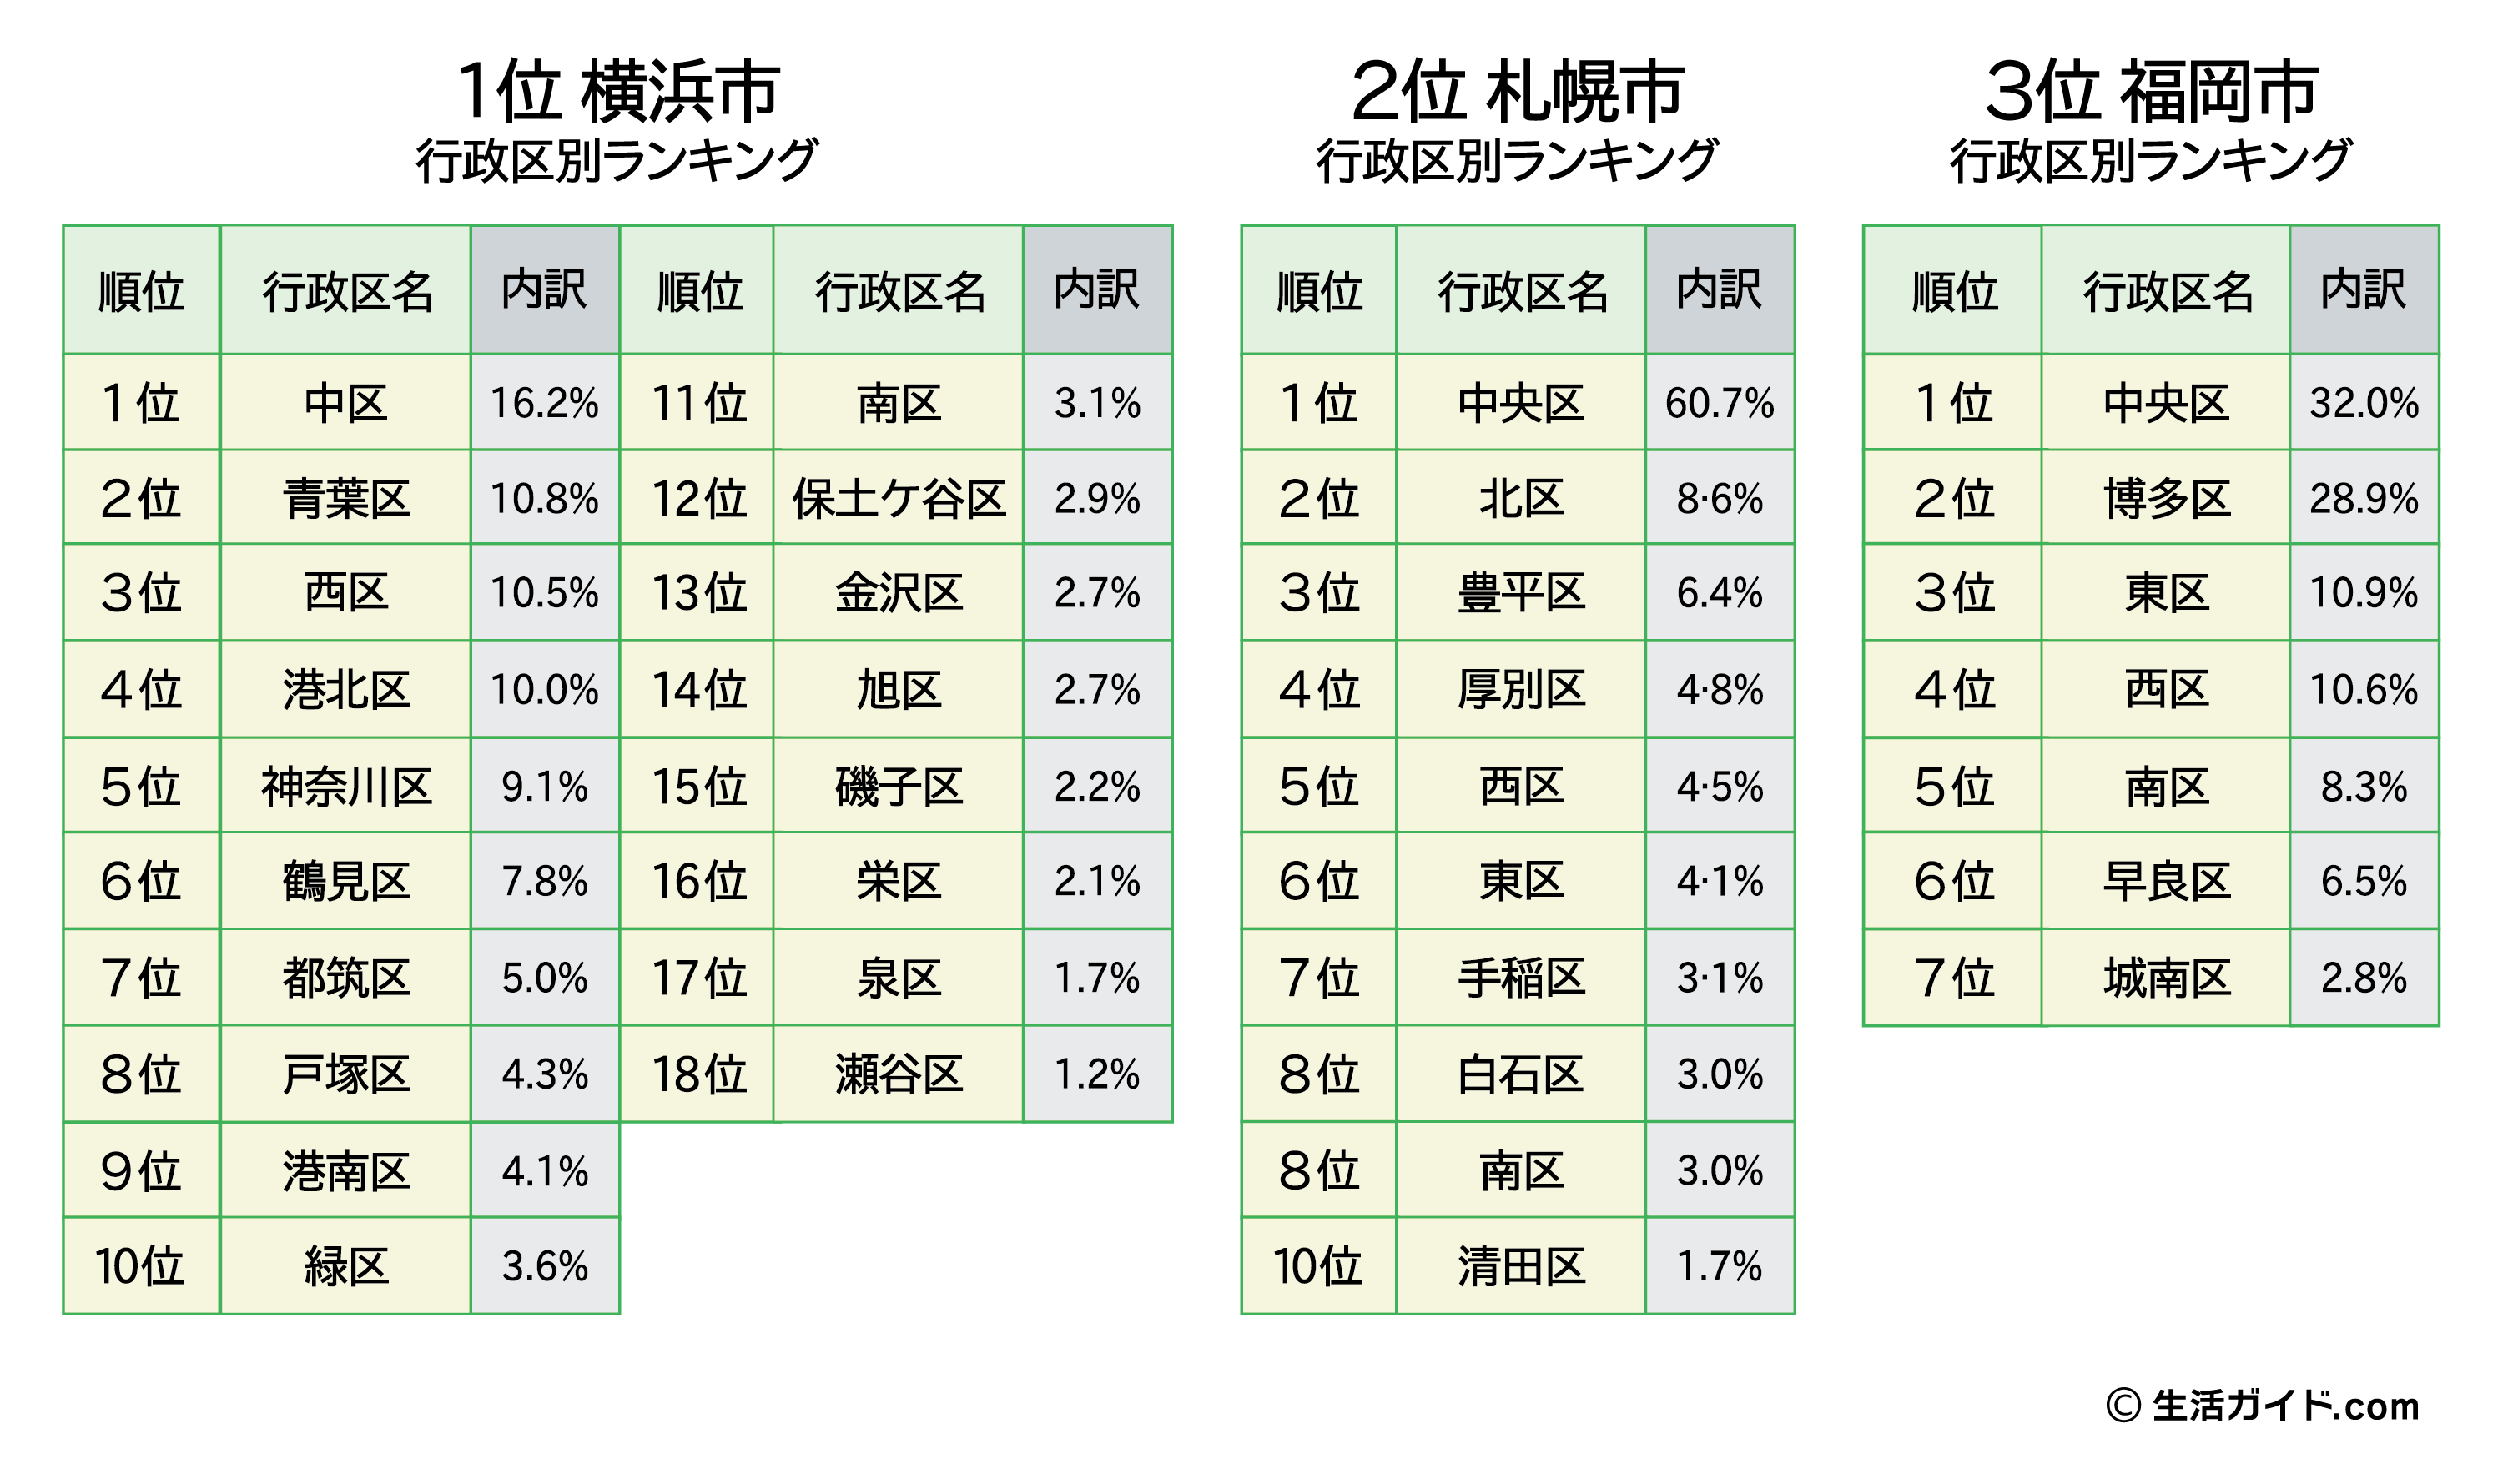 『全国住みたい街ランキング2021』-上位政令指定都市の行政区の順位と票の獲得割合